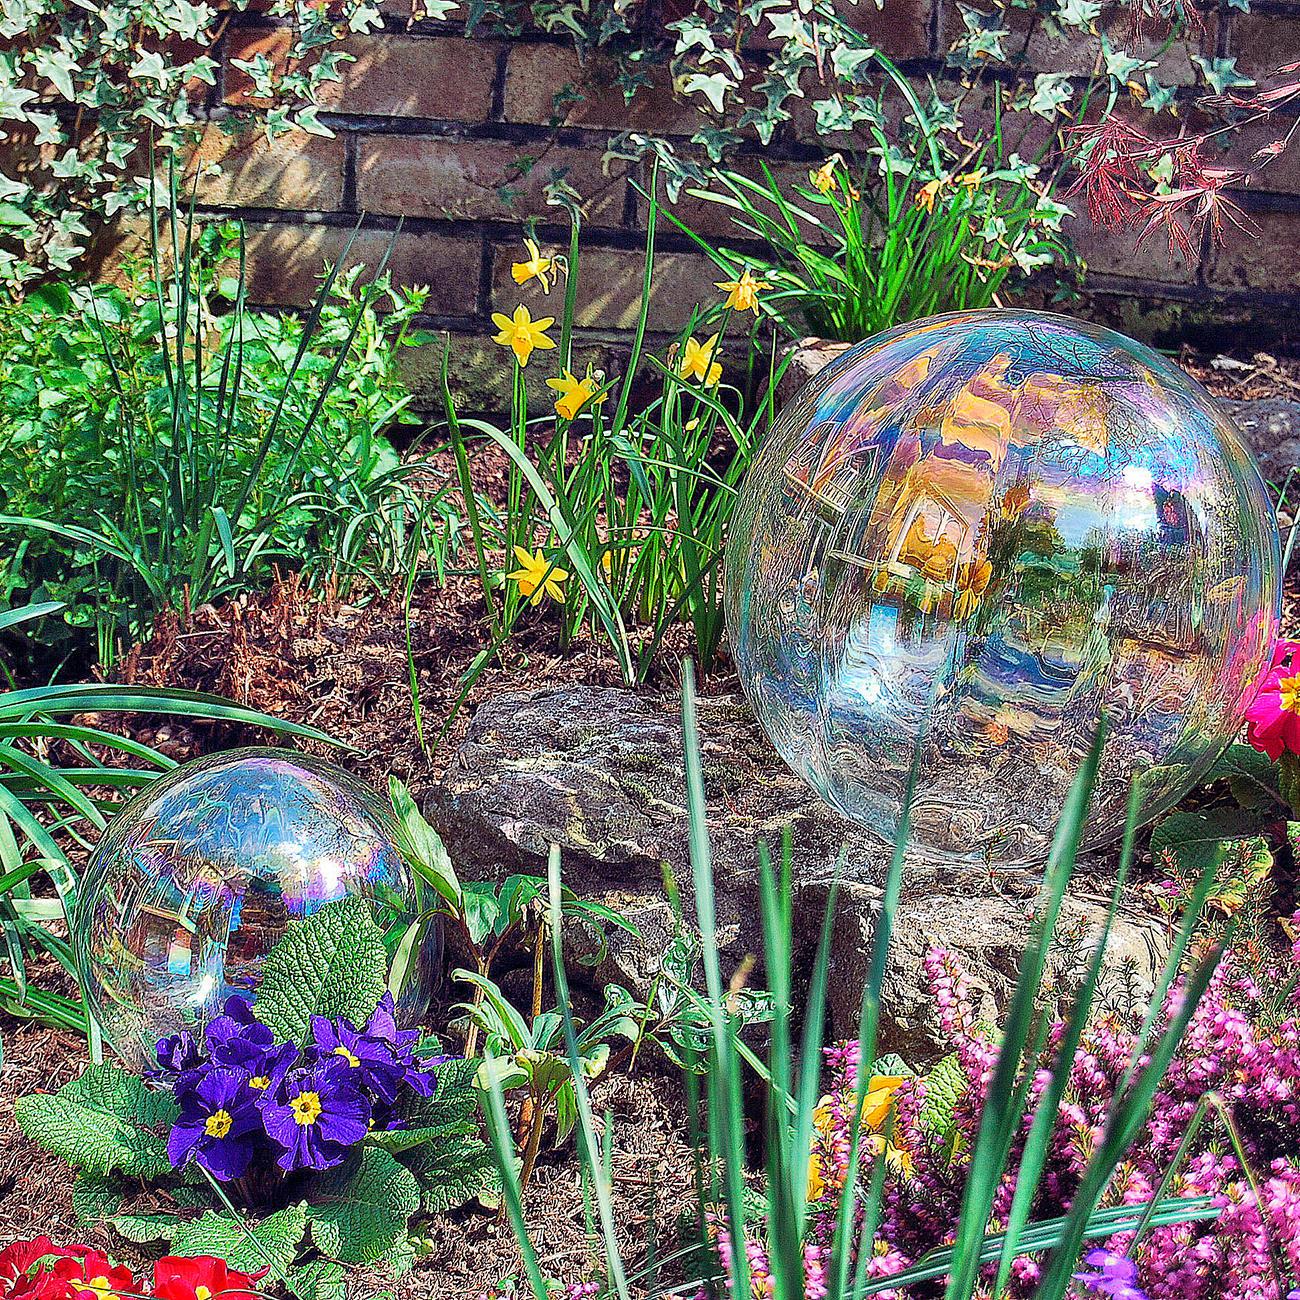 Seifenblasen-Kugel aus Glas, 30 cm Durchmesser